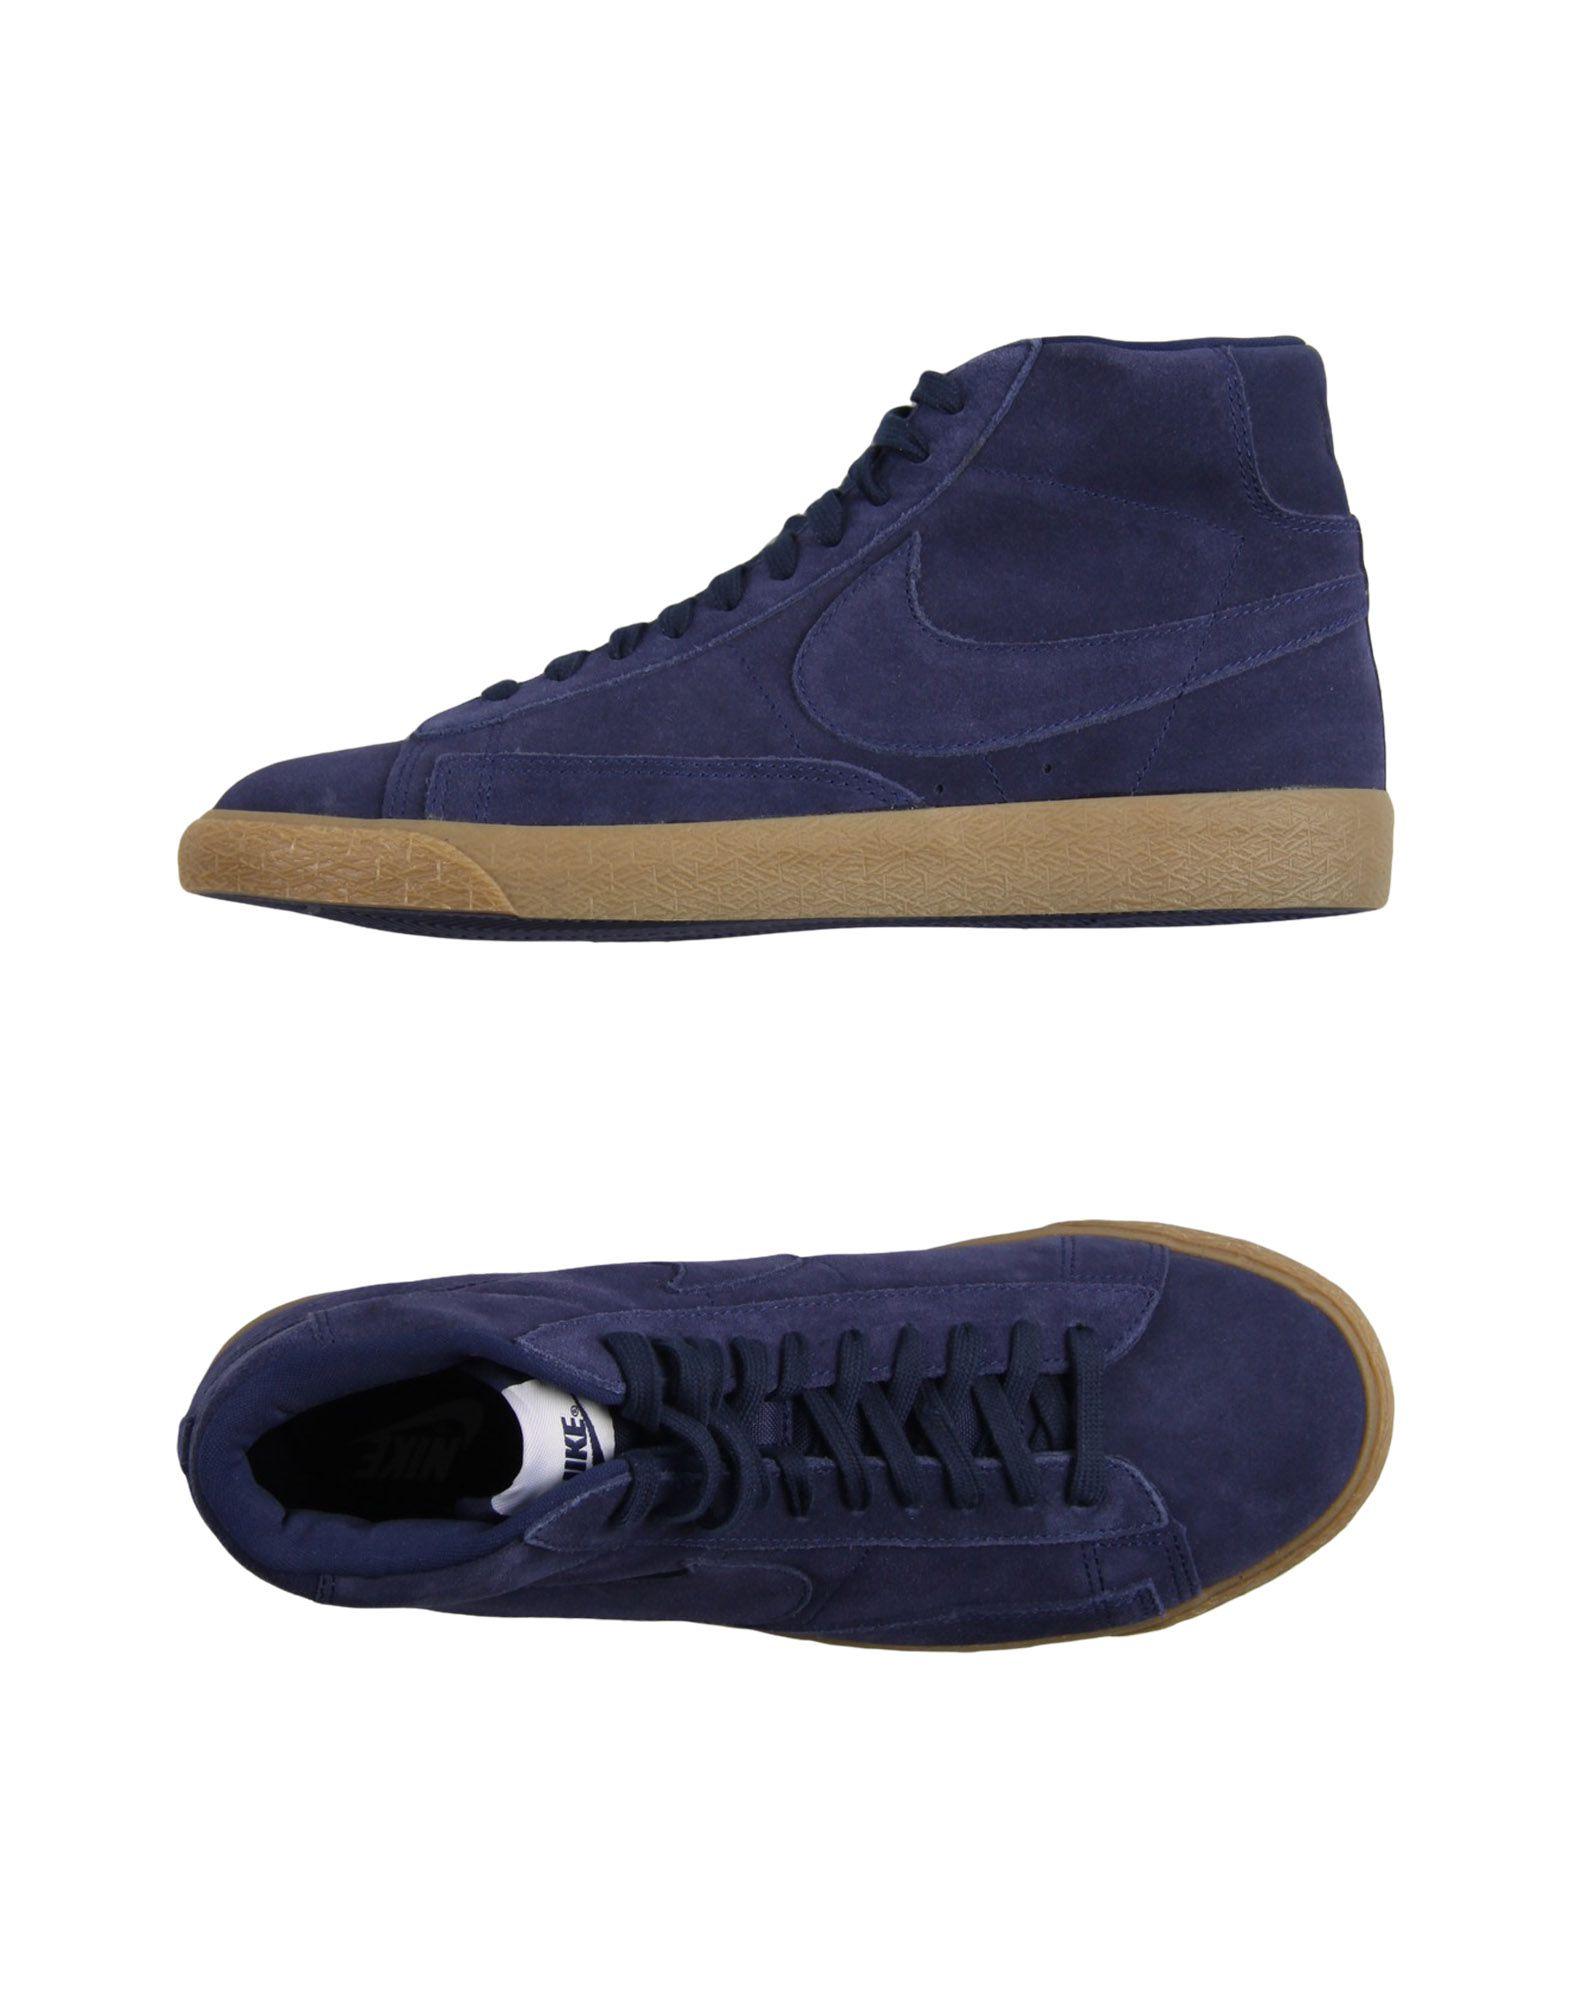 Rabatt echte Schuhe Herren Nike Sneakers Herren Schuhe 11439052NN 662e86 3a9631fe53